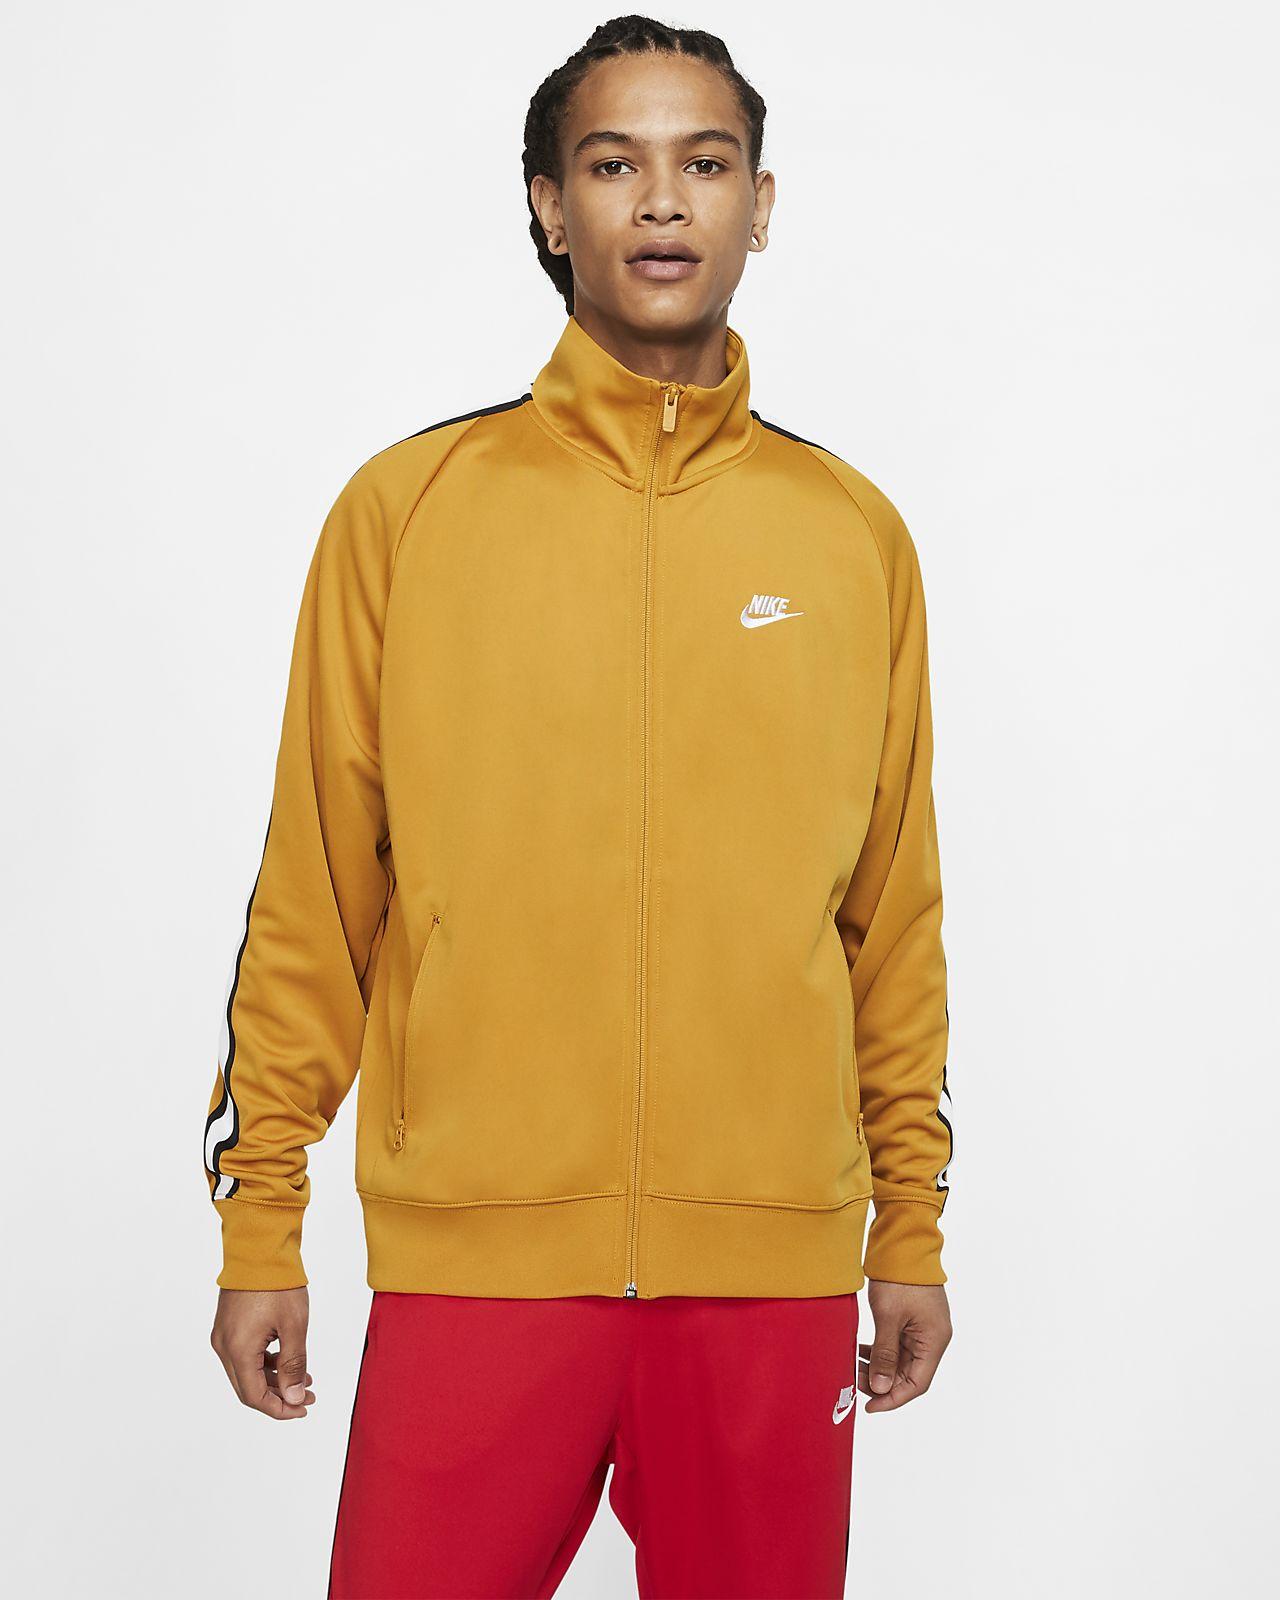 Nike Sportswear N98 strikket oppvarmingsjakke til herre